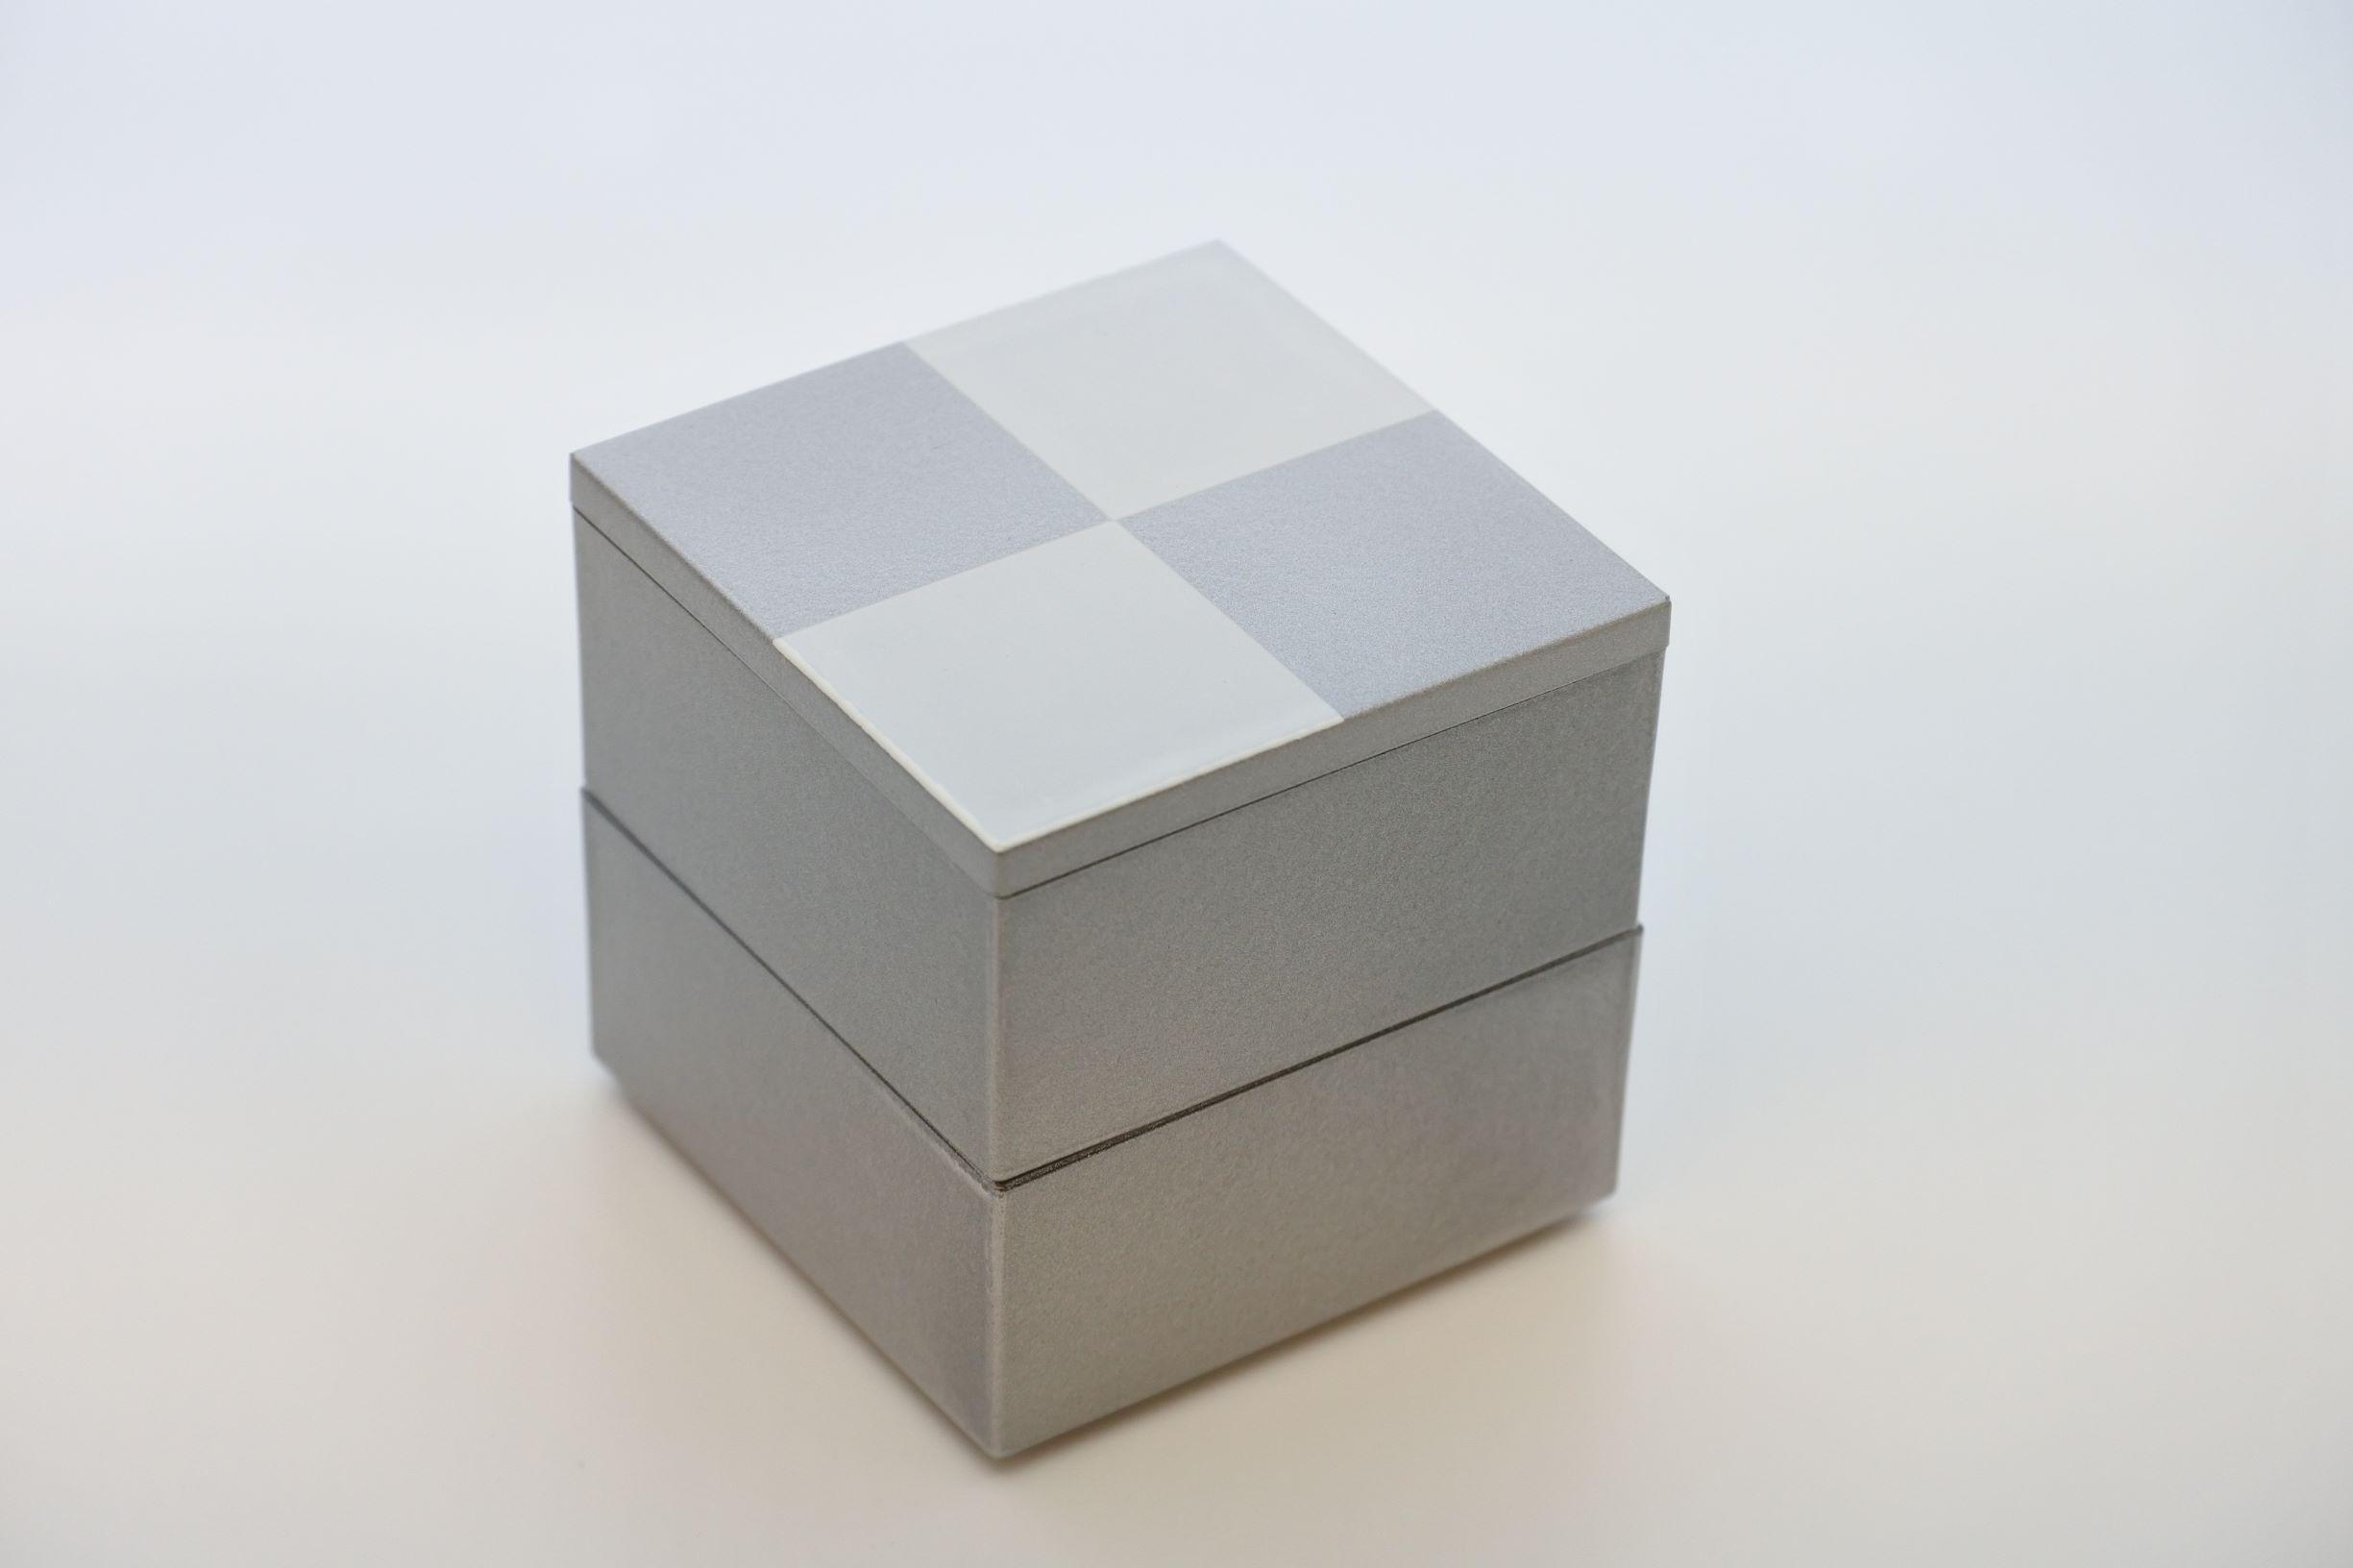 《新商品》JUBAKO/重箱/市松5.0二段中子重(銀)(A)KZ2974A≪Kaze-ya style≫